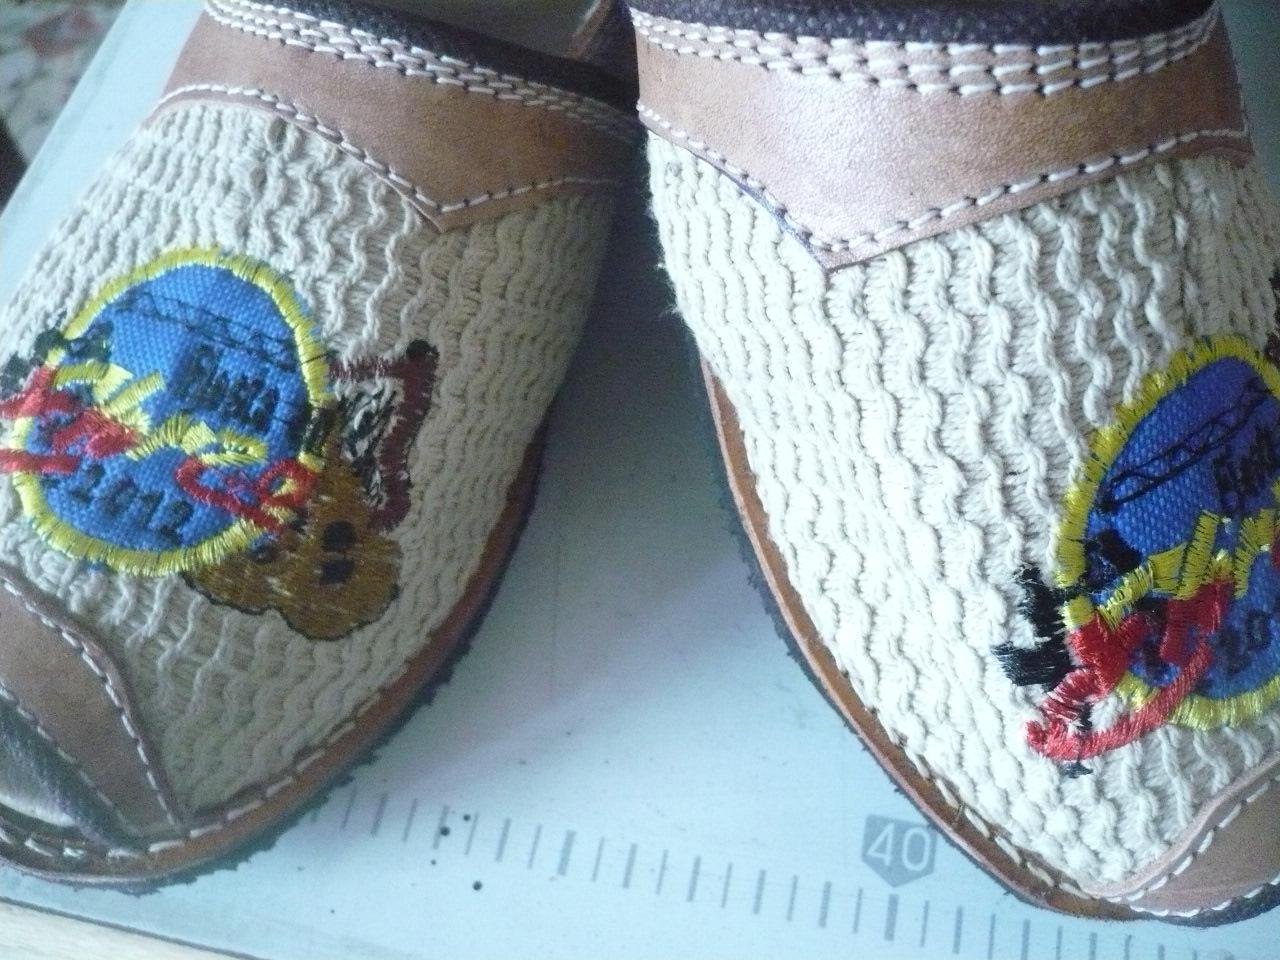 Alpargatas llaneras en varios tipos, colores, medidas en cuero, semi,cuero, tela o lona, con suela de goma y bordados personalizados.